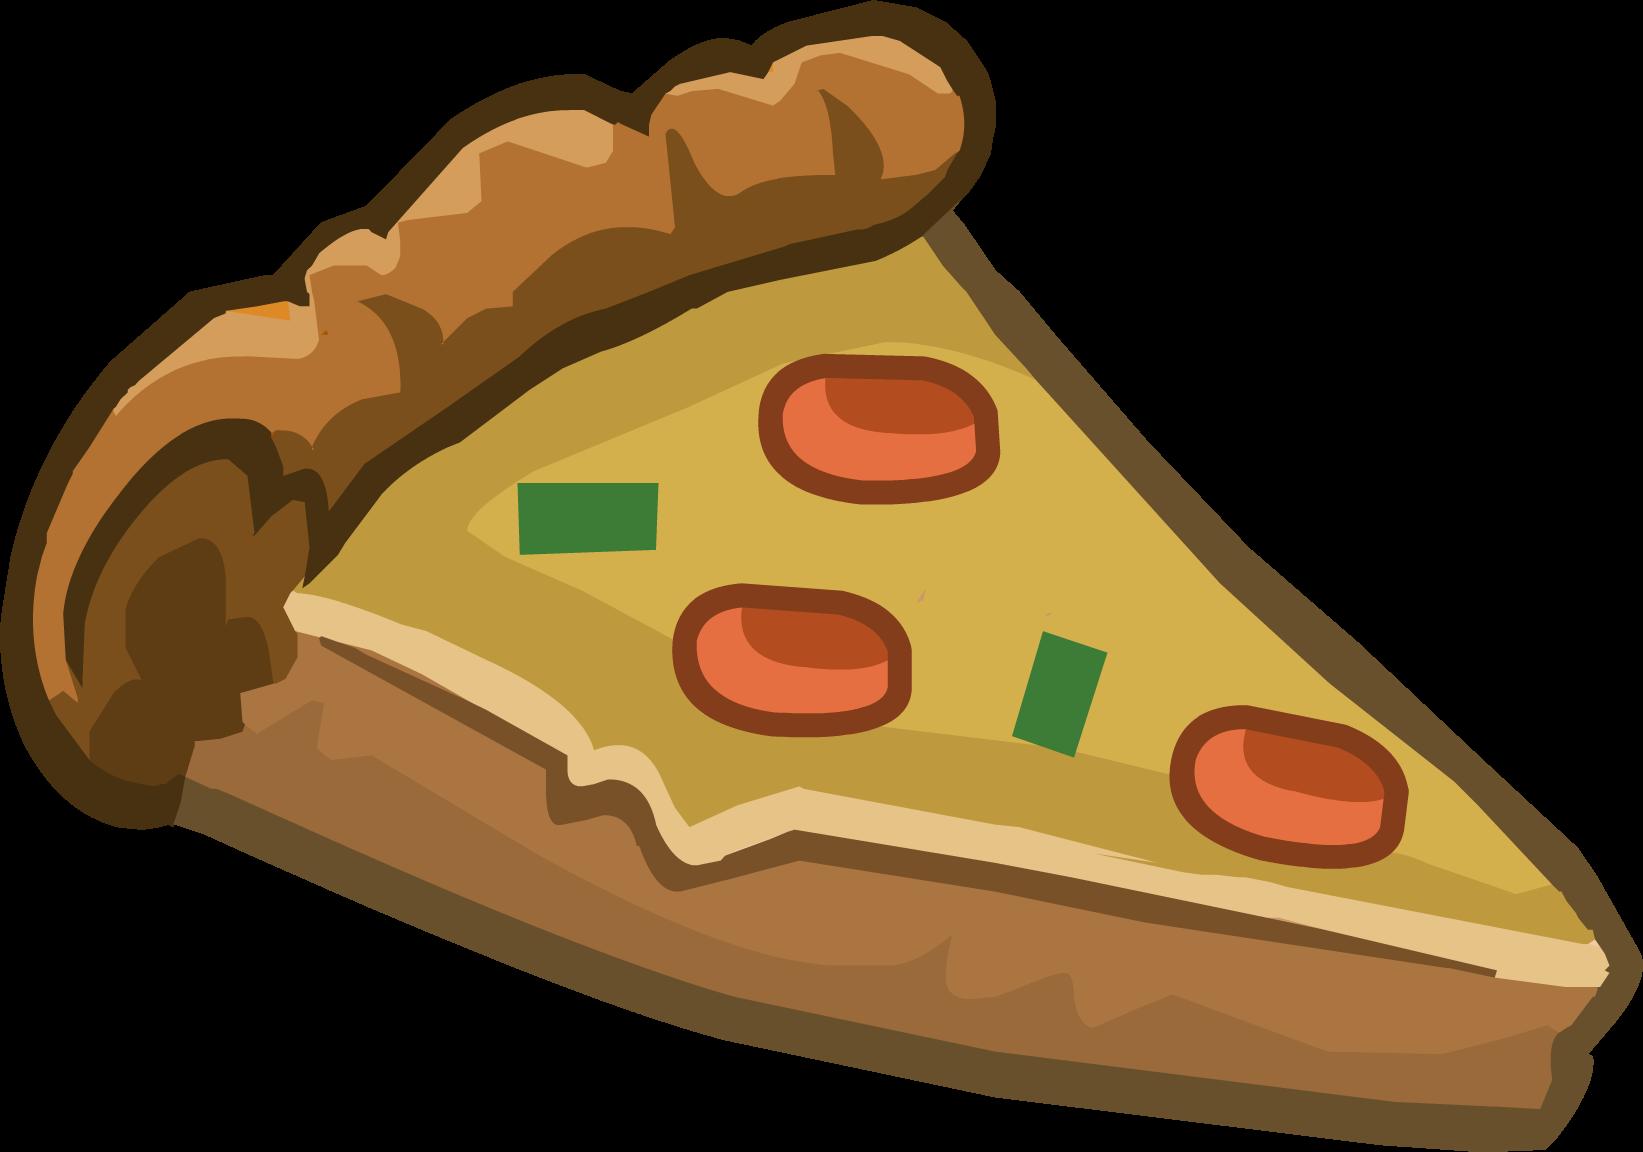 Pizza   Club Penguin Wiki   FANDOM powered by Wikia